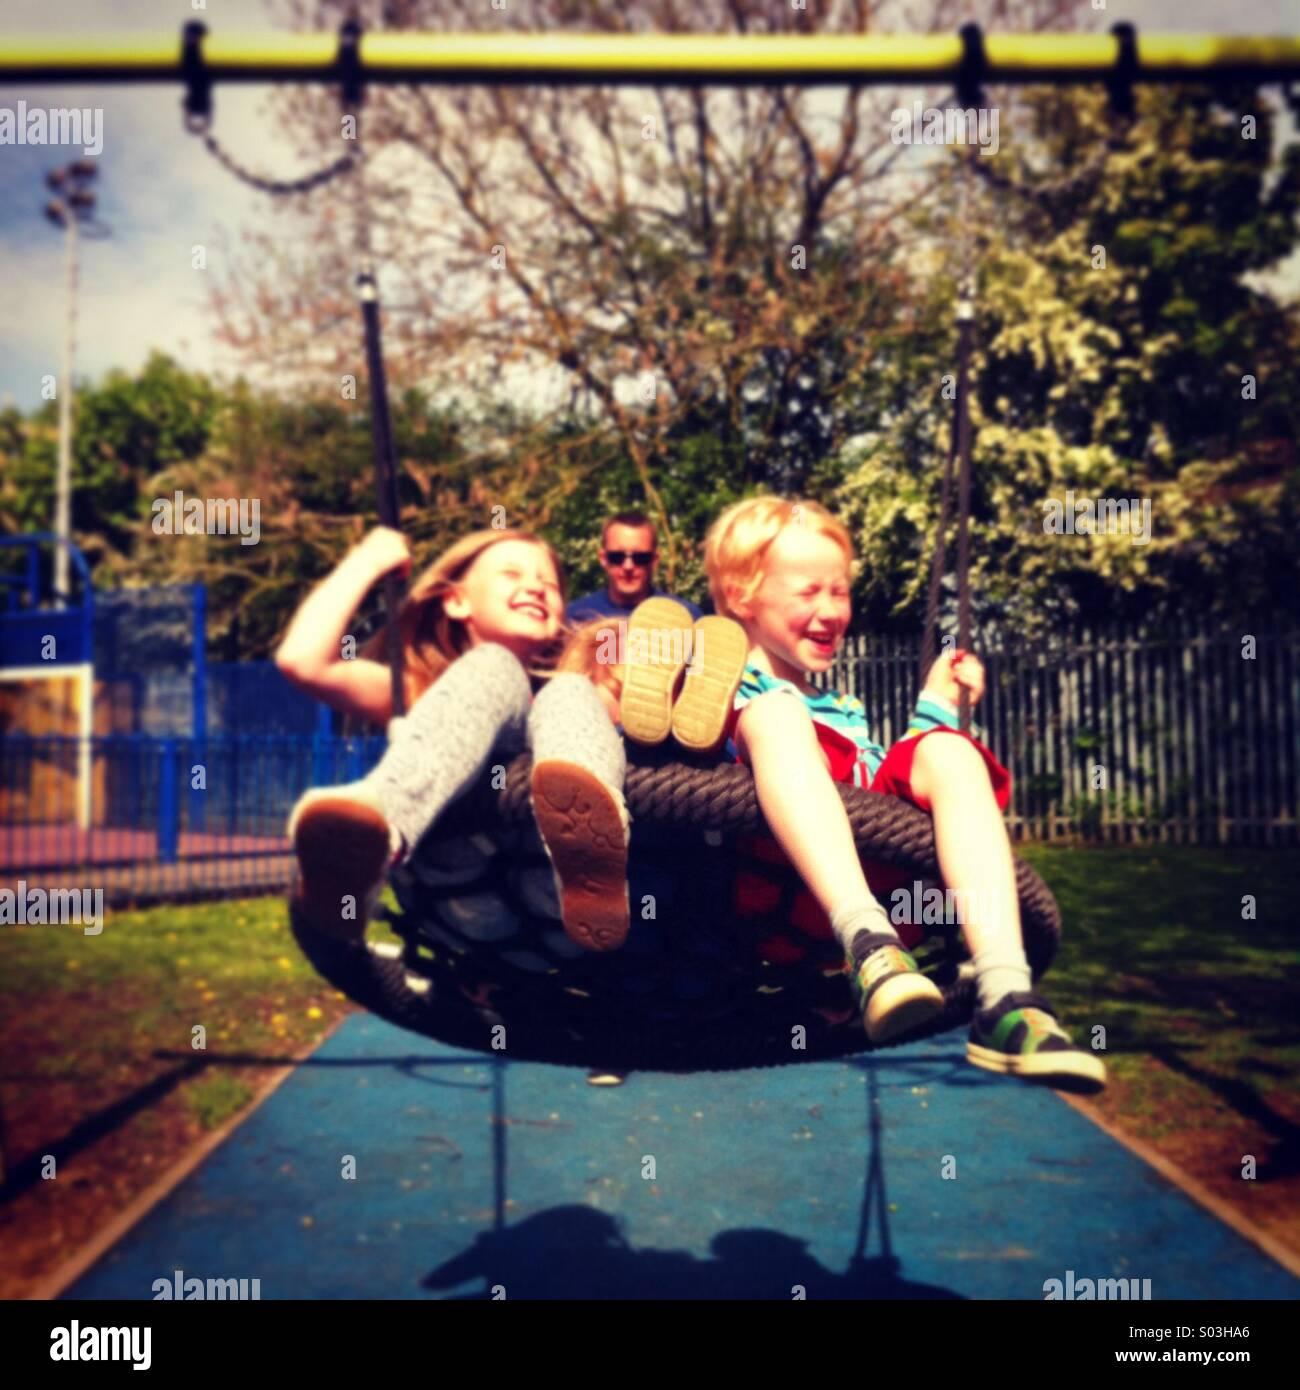 Les enfants sur une balançoire Photo Stock